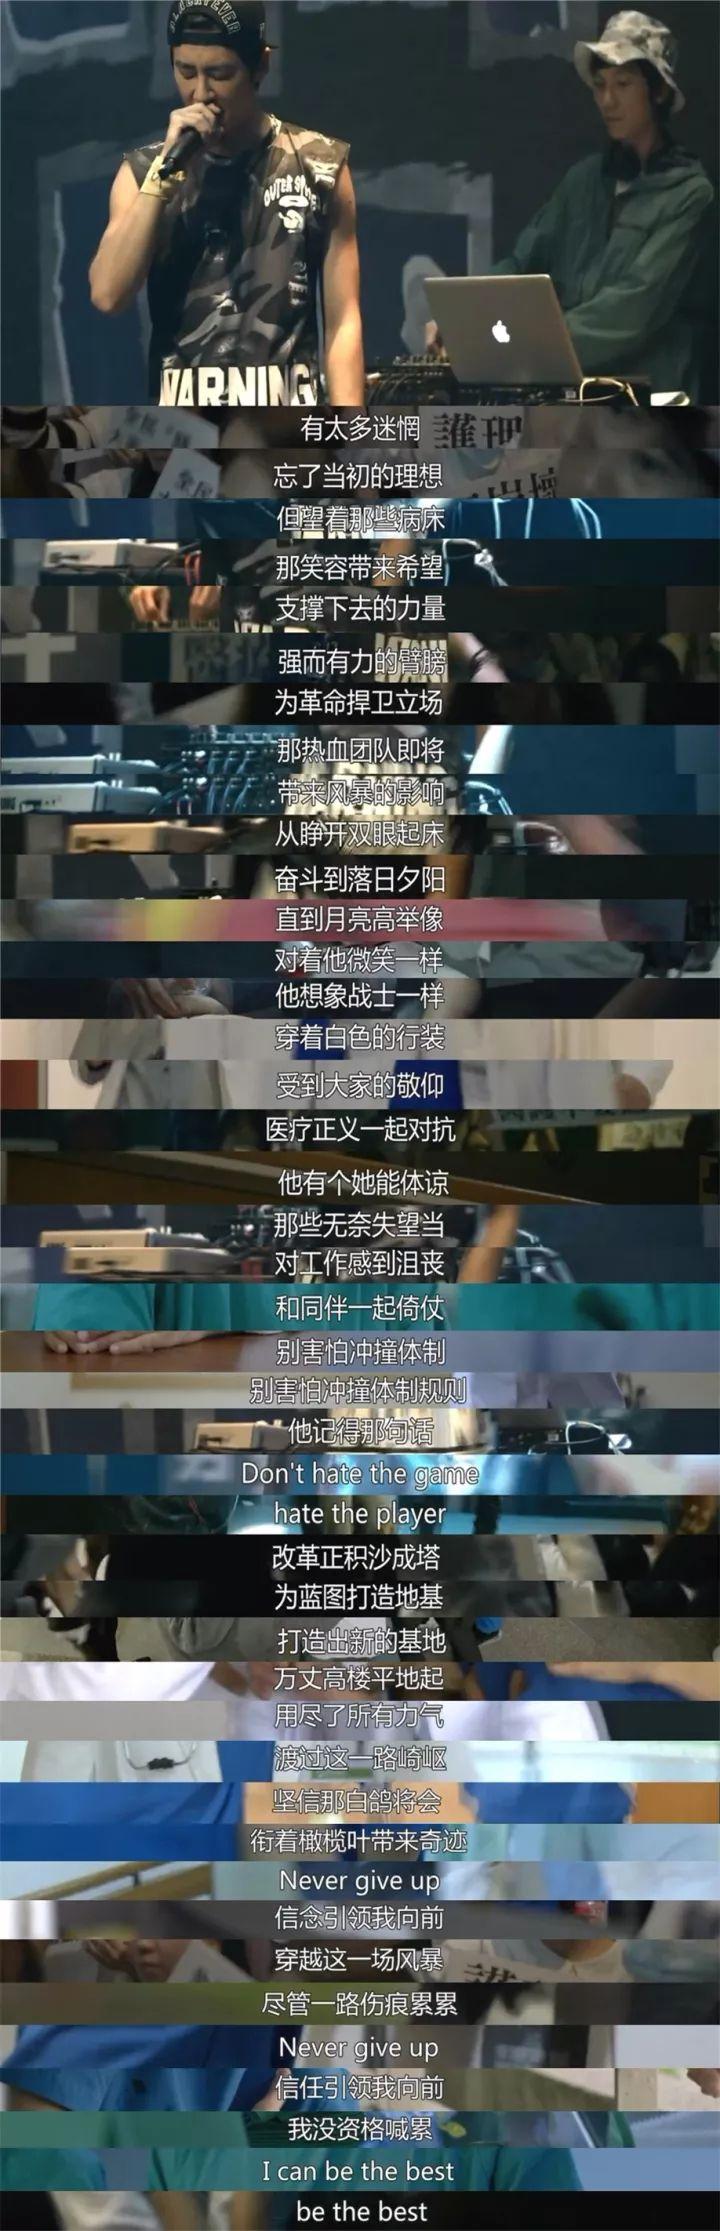 这部高分台湾医疗剧告诉我们:rap这样唱才算酷